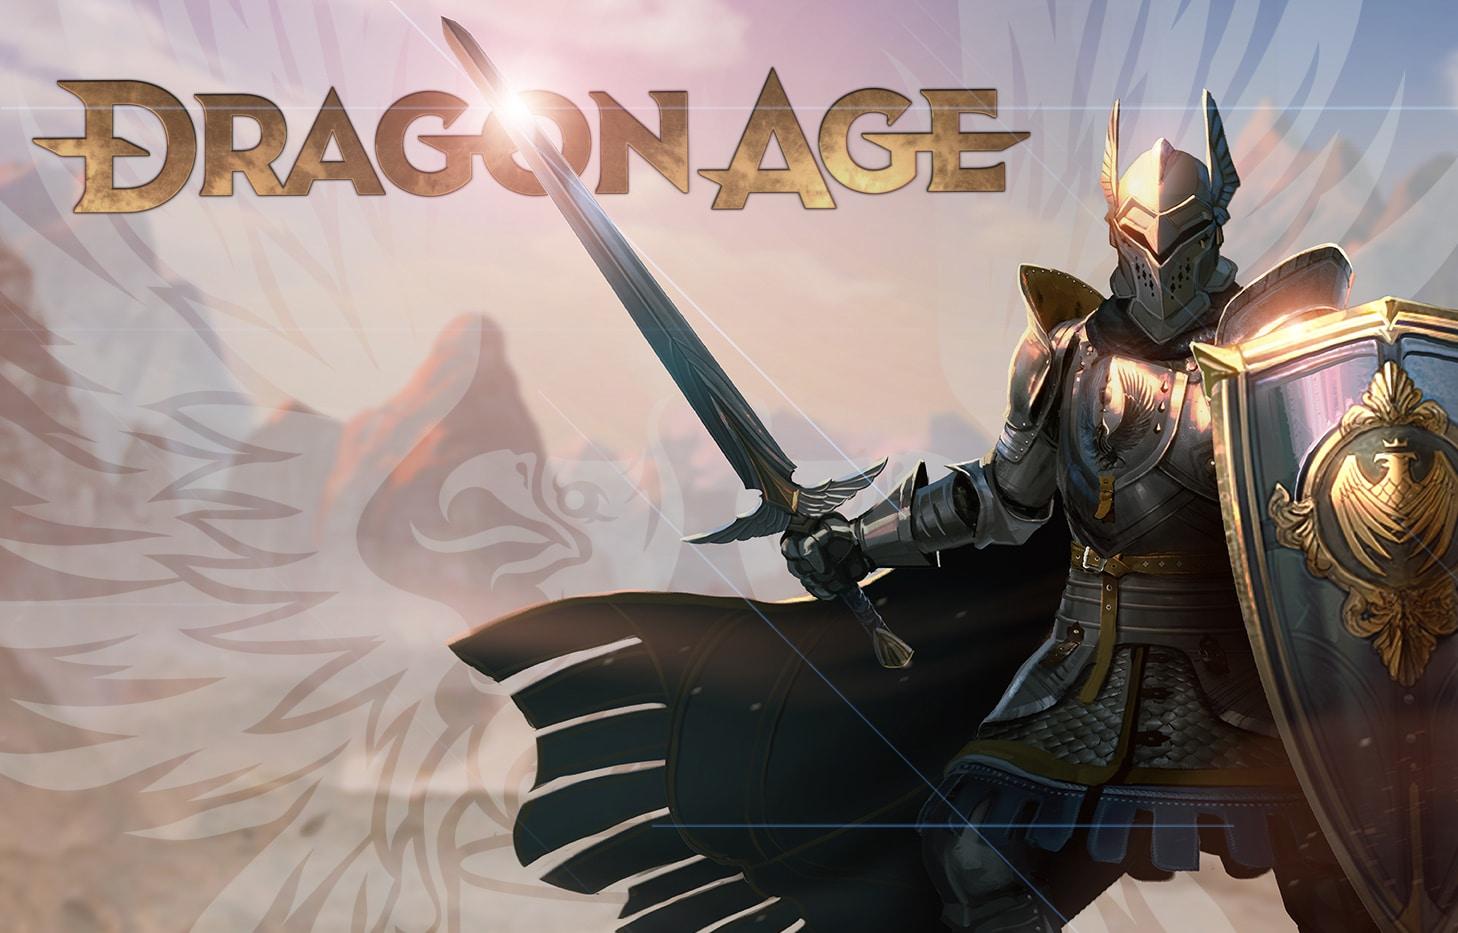 Imagem que tem um cavaleiero segurando um escudo e uma espada na frente que fará parte do novo Dragon Age